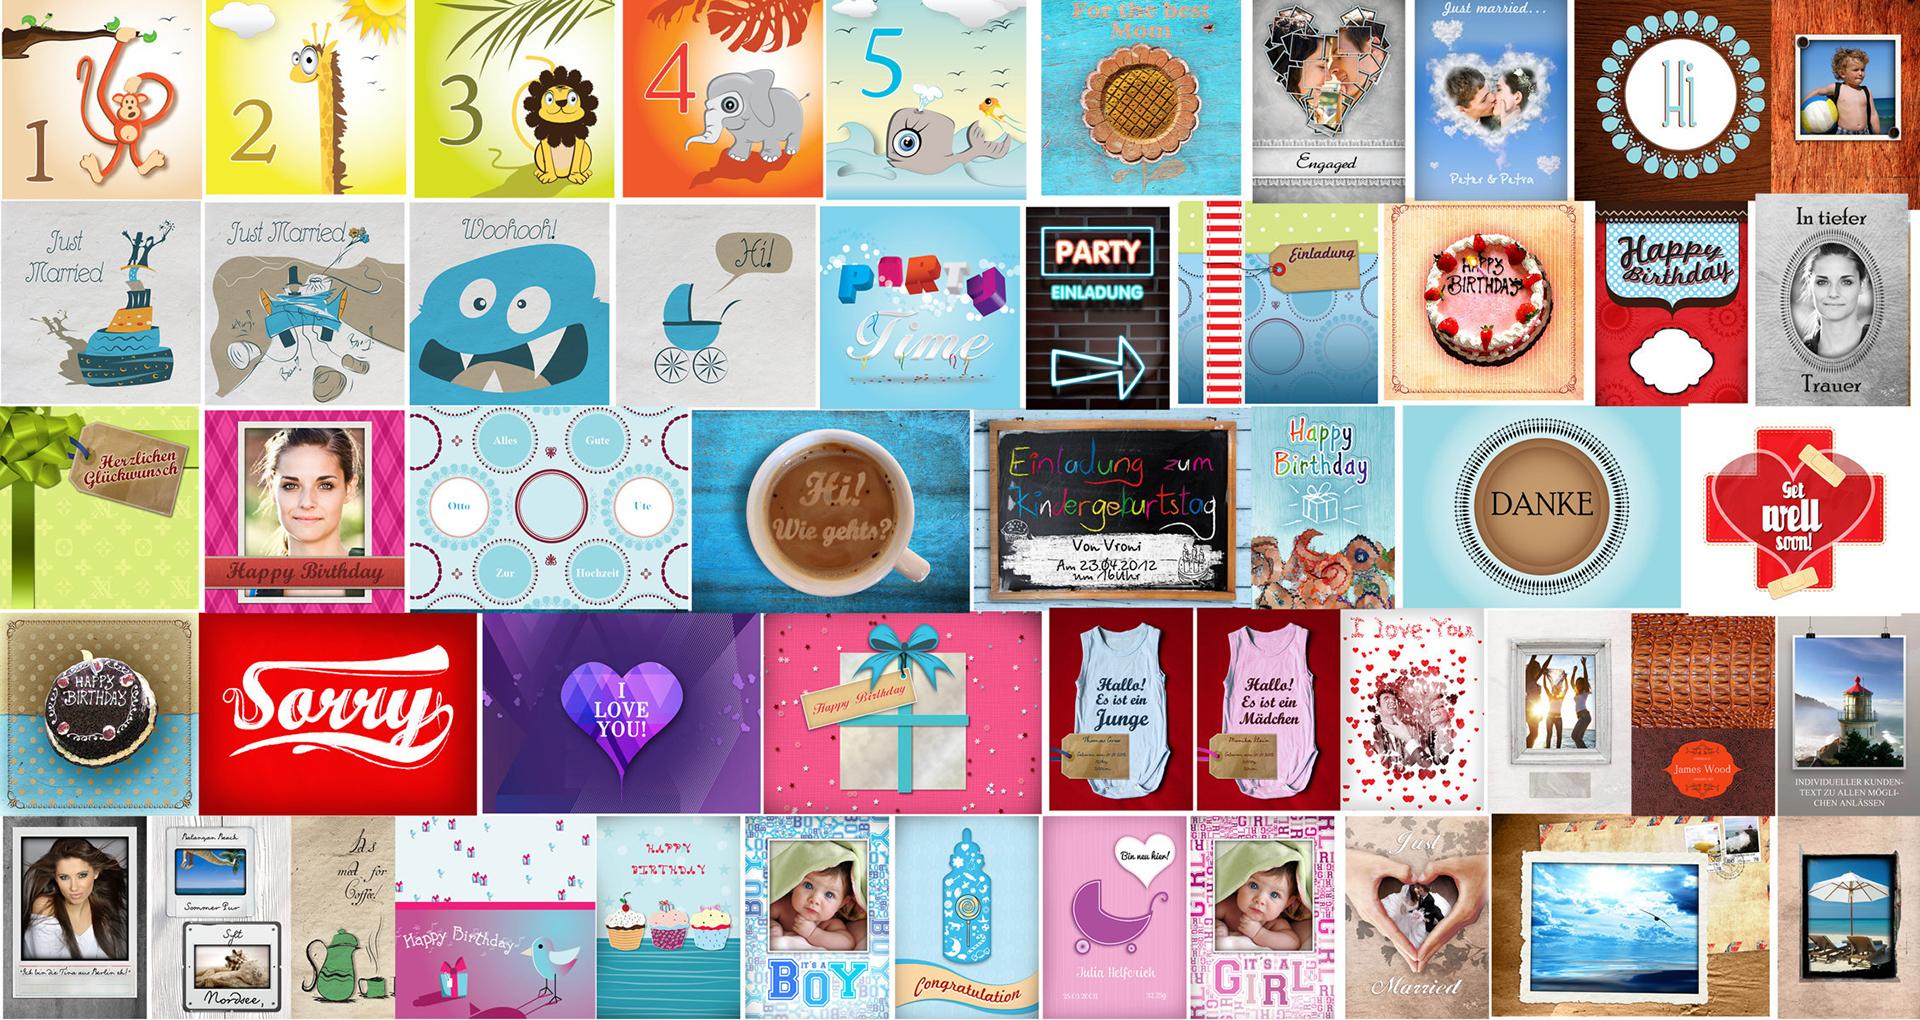 webtoprint fotobook walltattoo popart calendar smartphone case greeting card   13